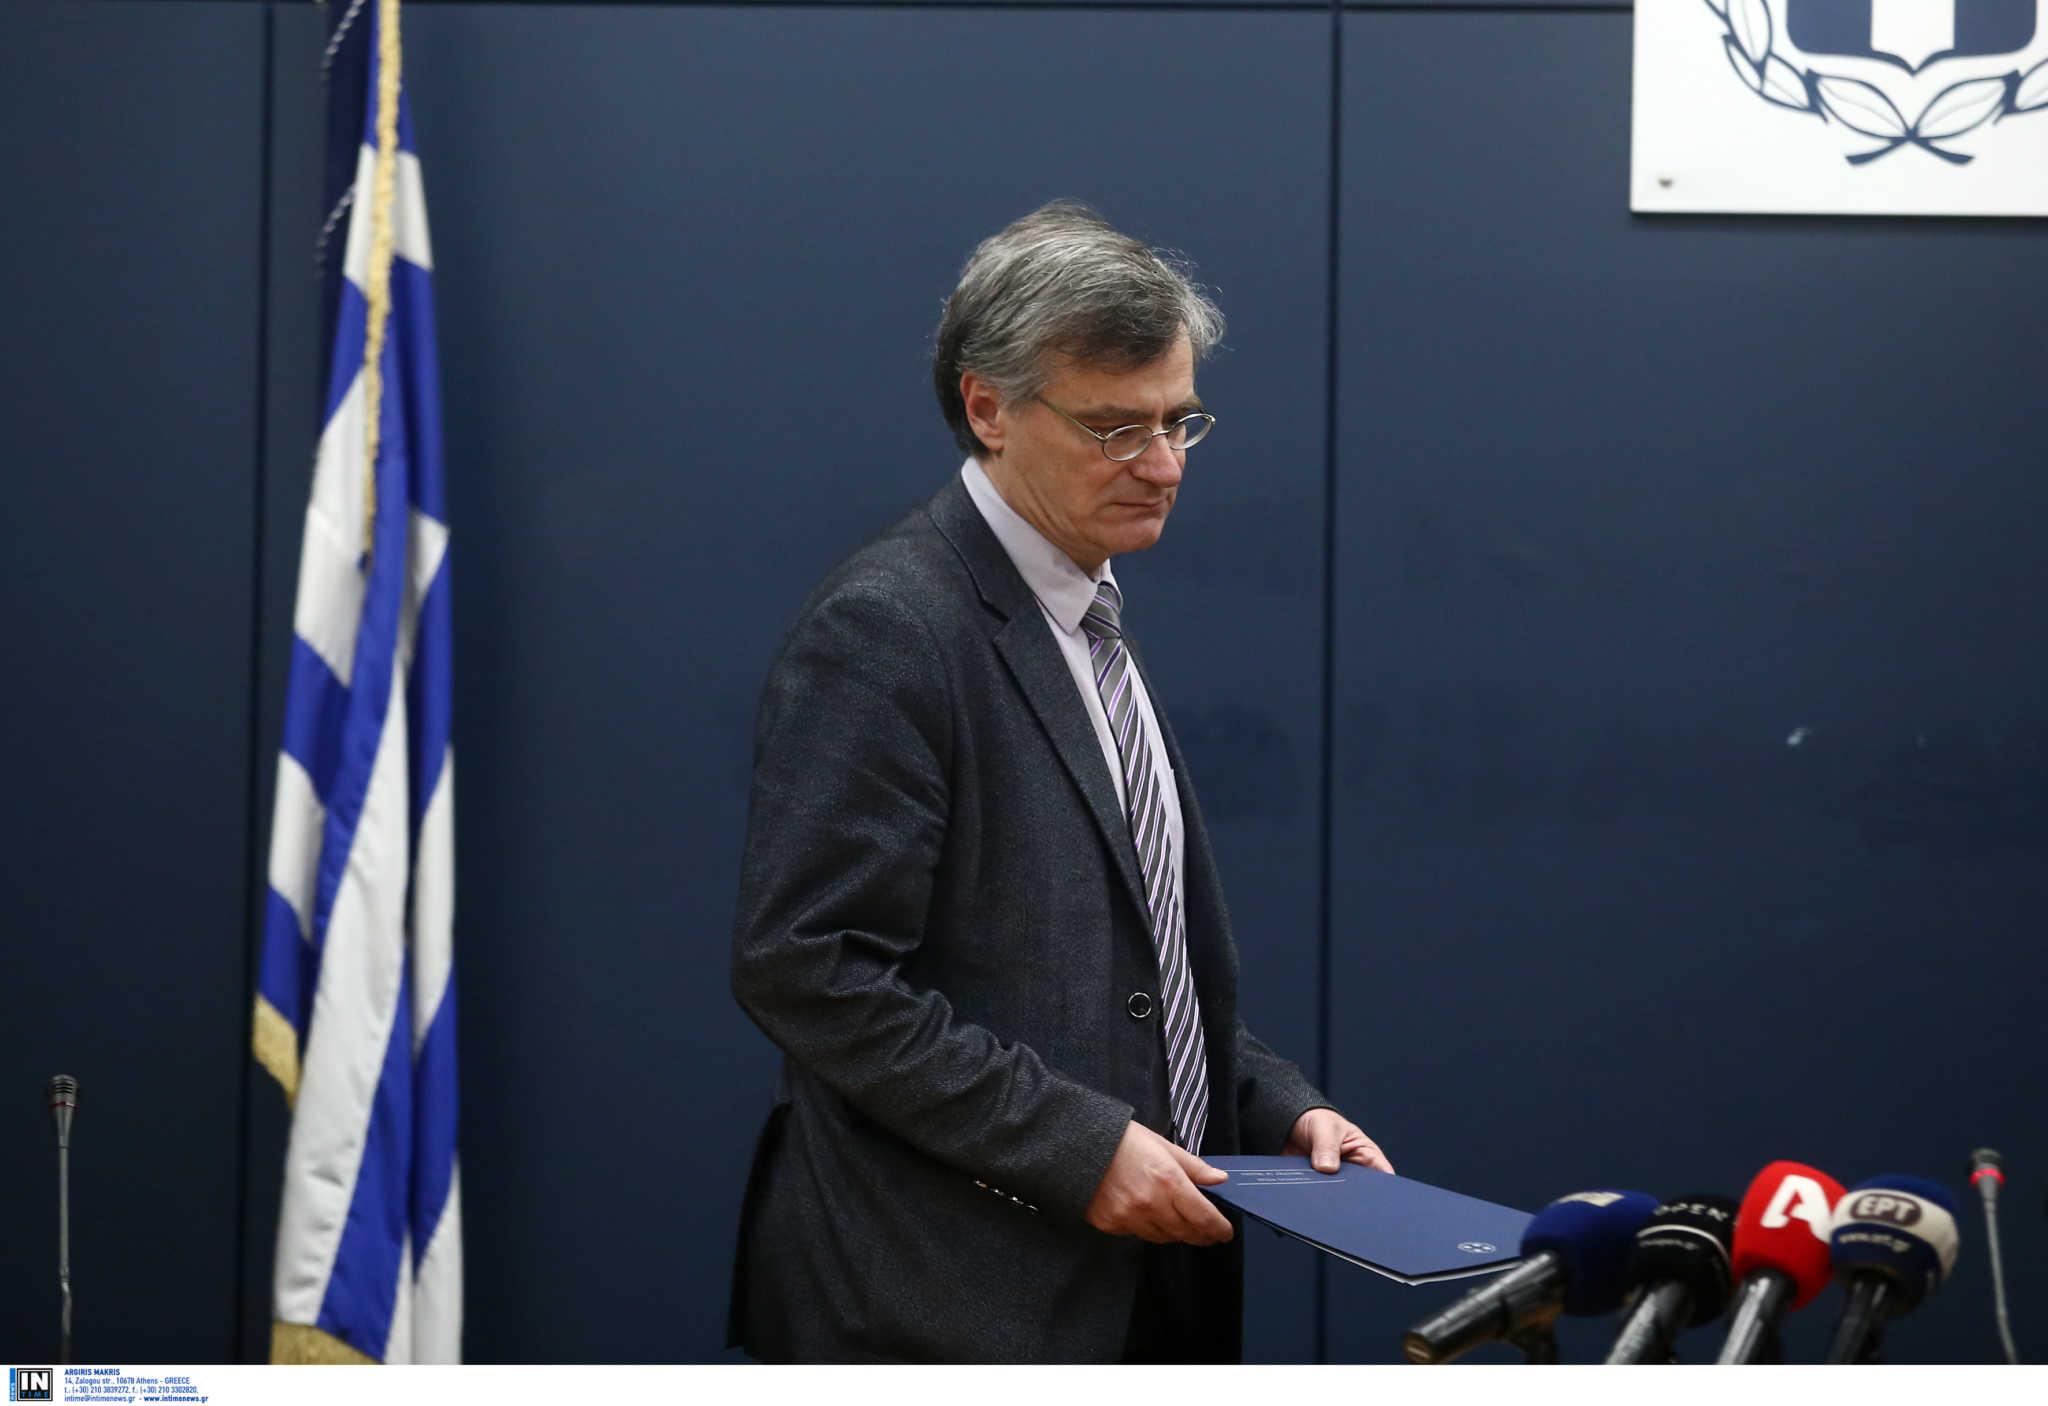 95 νέα κρούσματα κορονοϊού στην Ελλάδα, 38 τα θύματα!